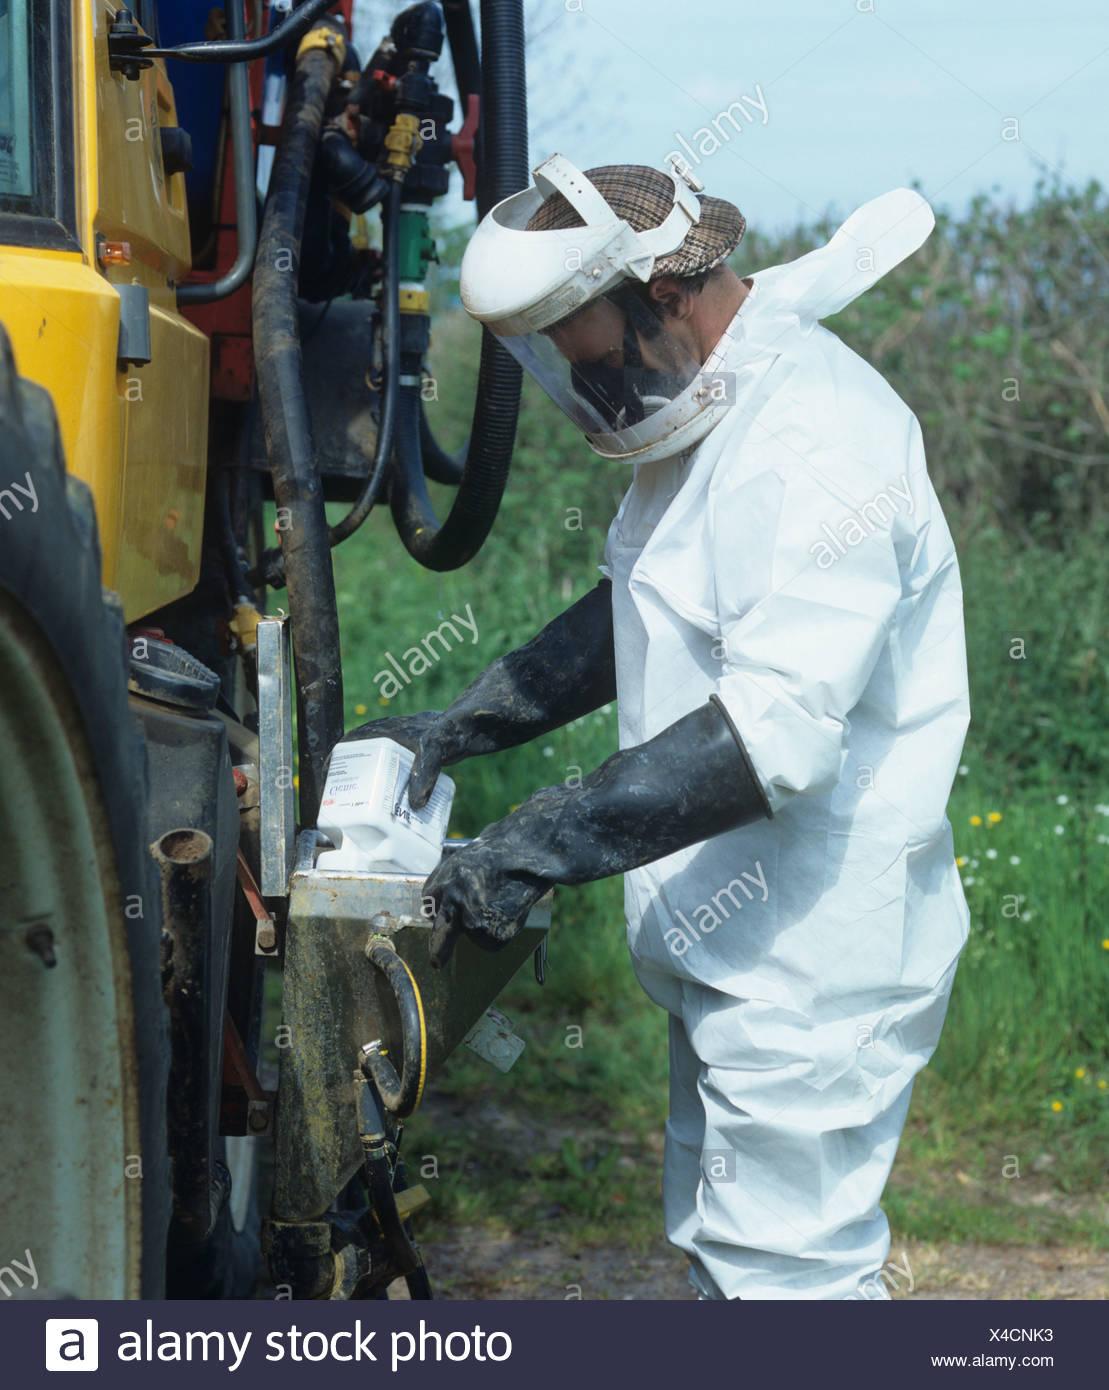 Conducteur de tracteur dans des vêtements de protection complets, l'ajout de produit chimique dans le réservoir d'un pulvérisateur Photo Stock